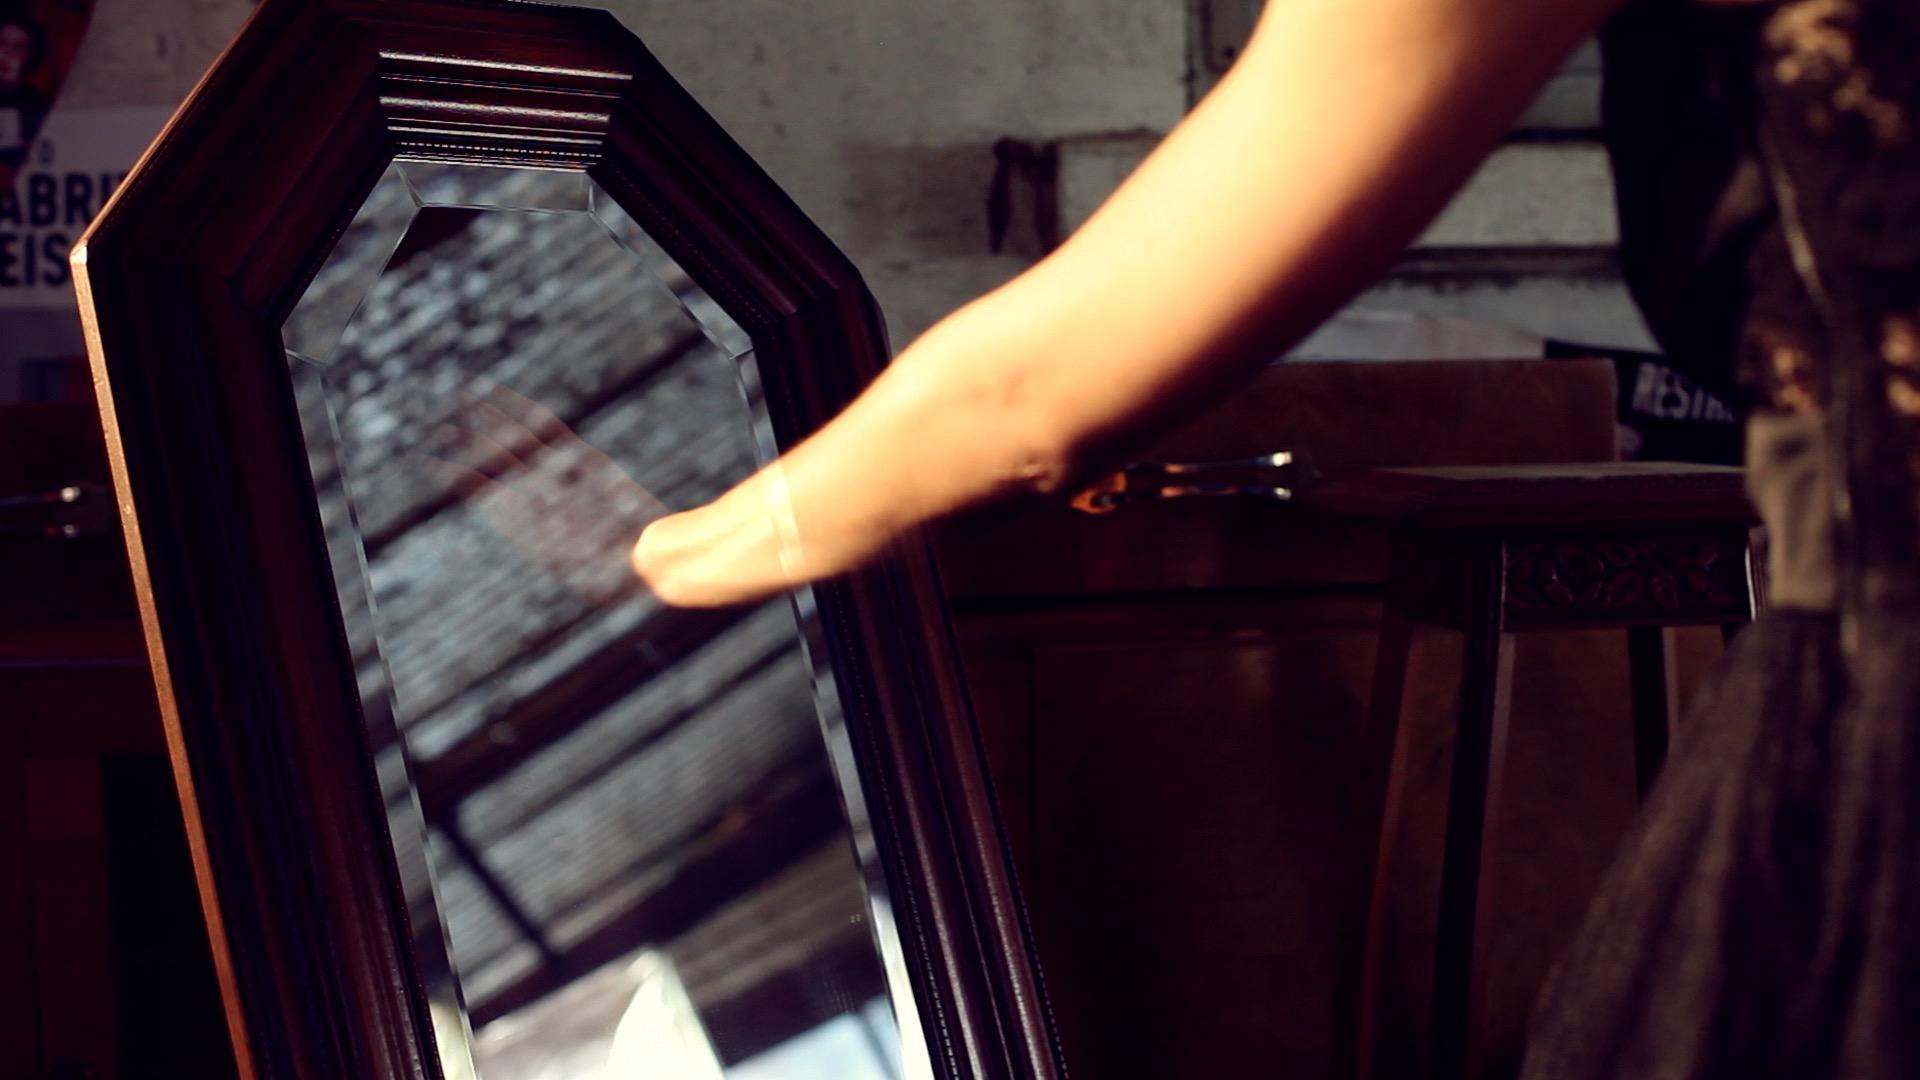 clip video musique – miroir 1 effets spéciaux composirig clip – Juste en rêvant – Elerose-music -viviane -riberaigua -realisateur music video director.